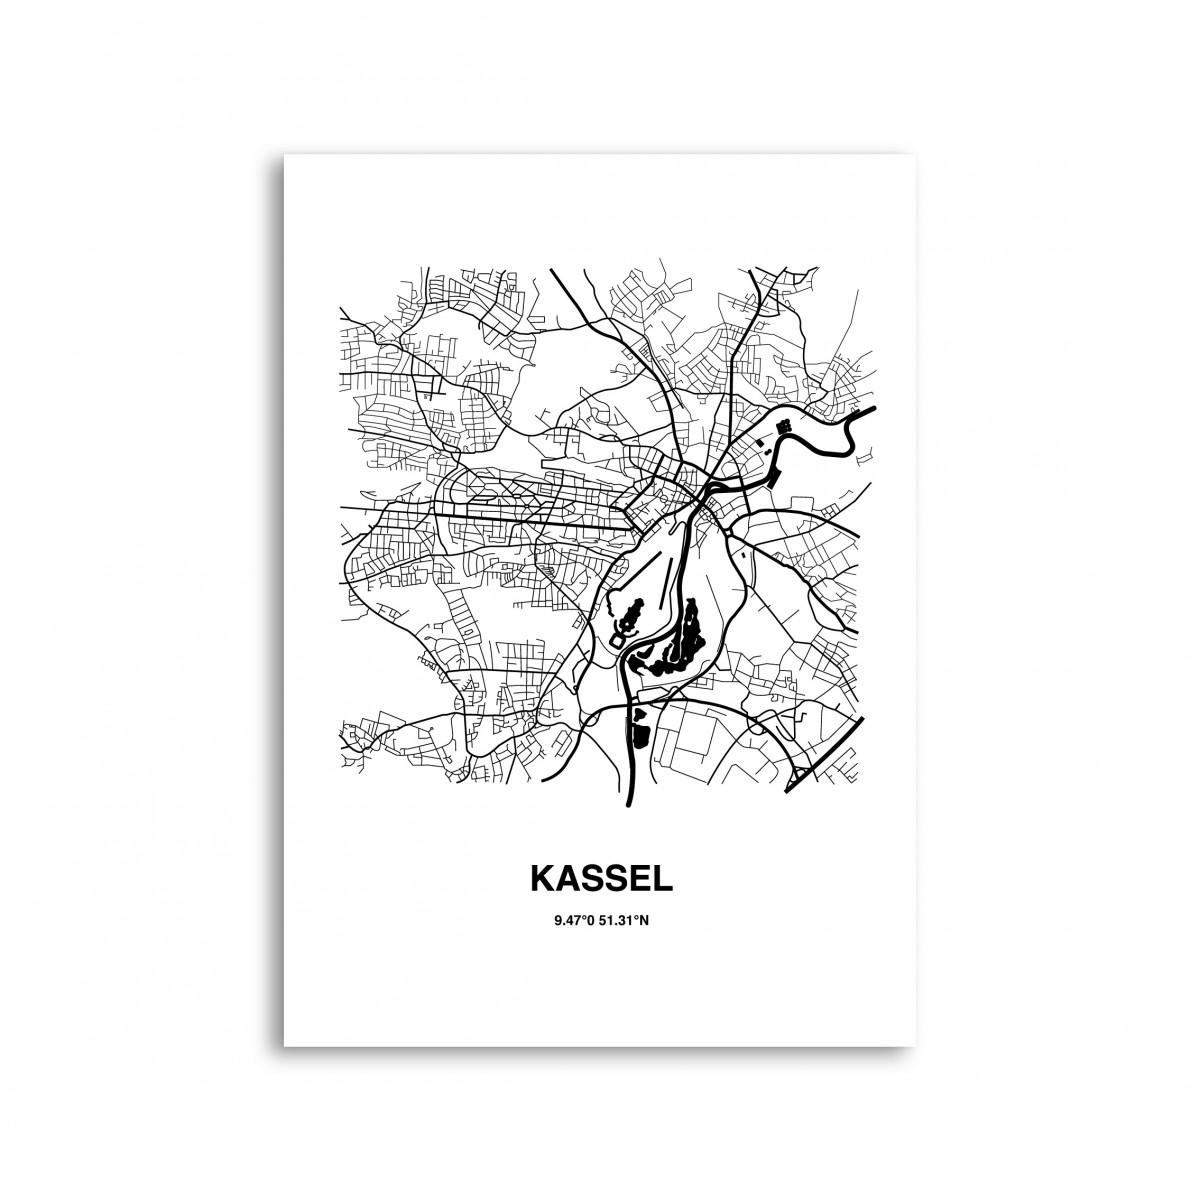 Stadtliebe® | Kassel - Karte black&white Kunstdruck A4